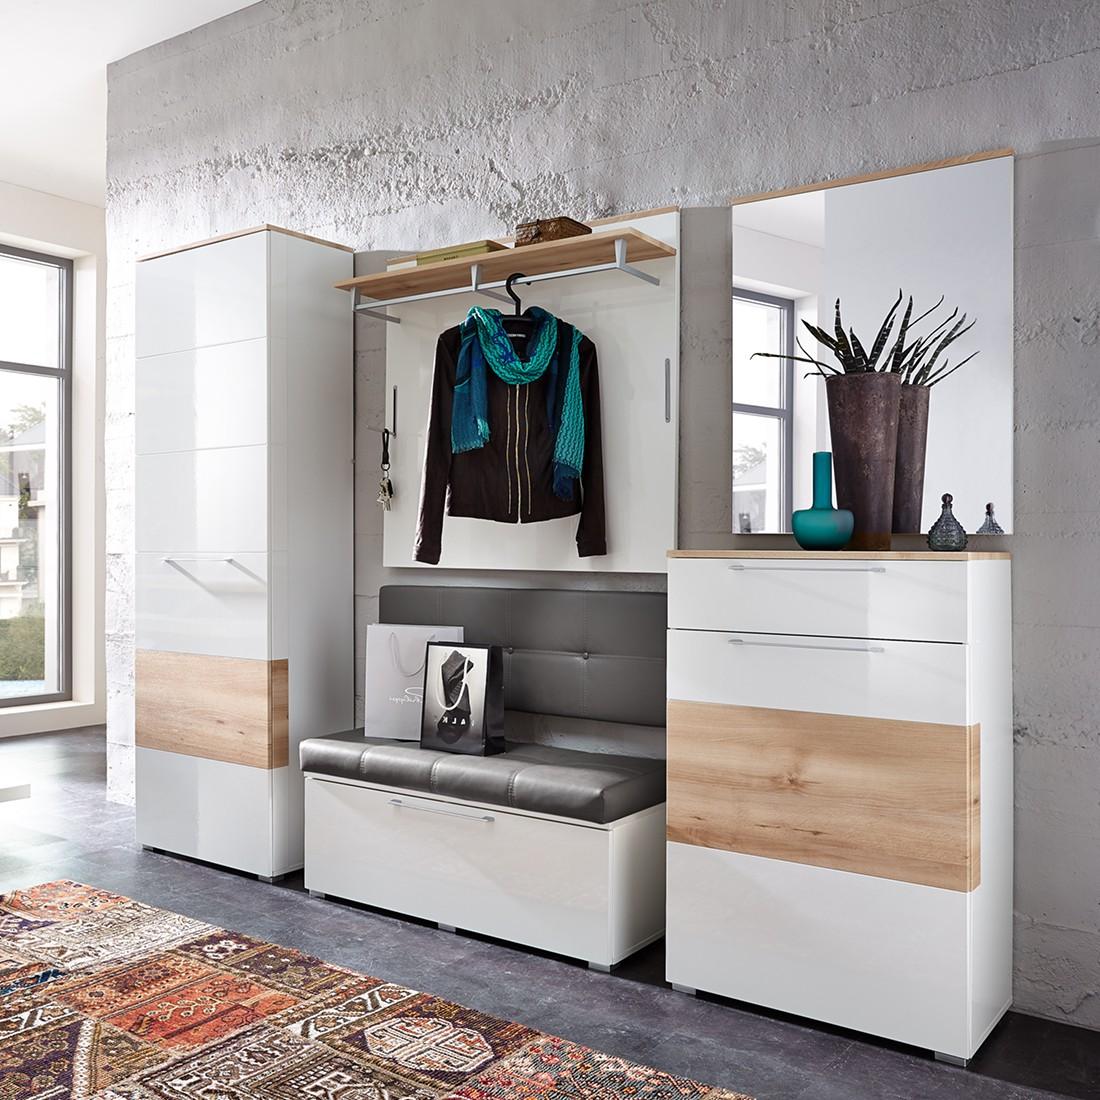 Garderobeset Exterior (5-delige set) - Hoogglans wit/beukenhouten look, Fredriks